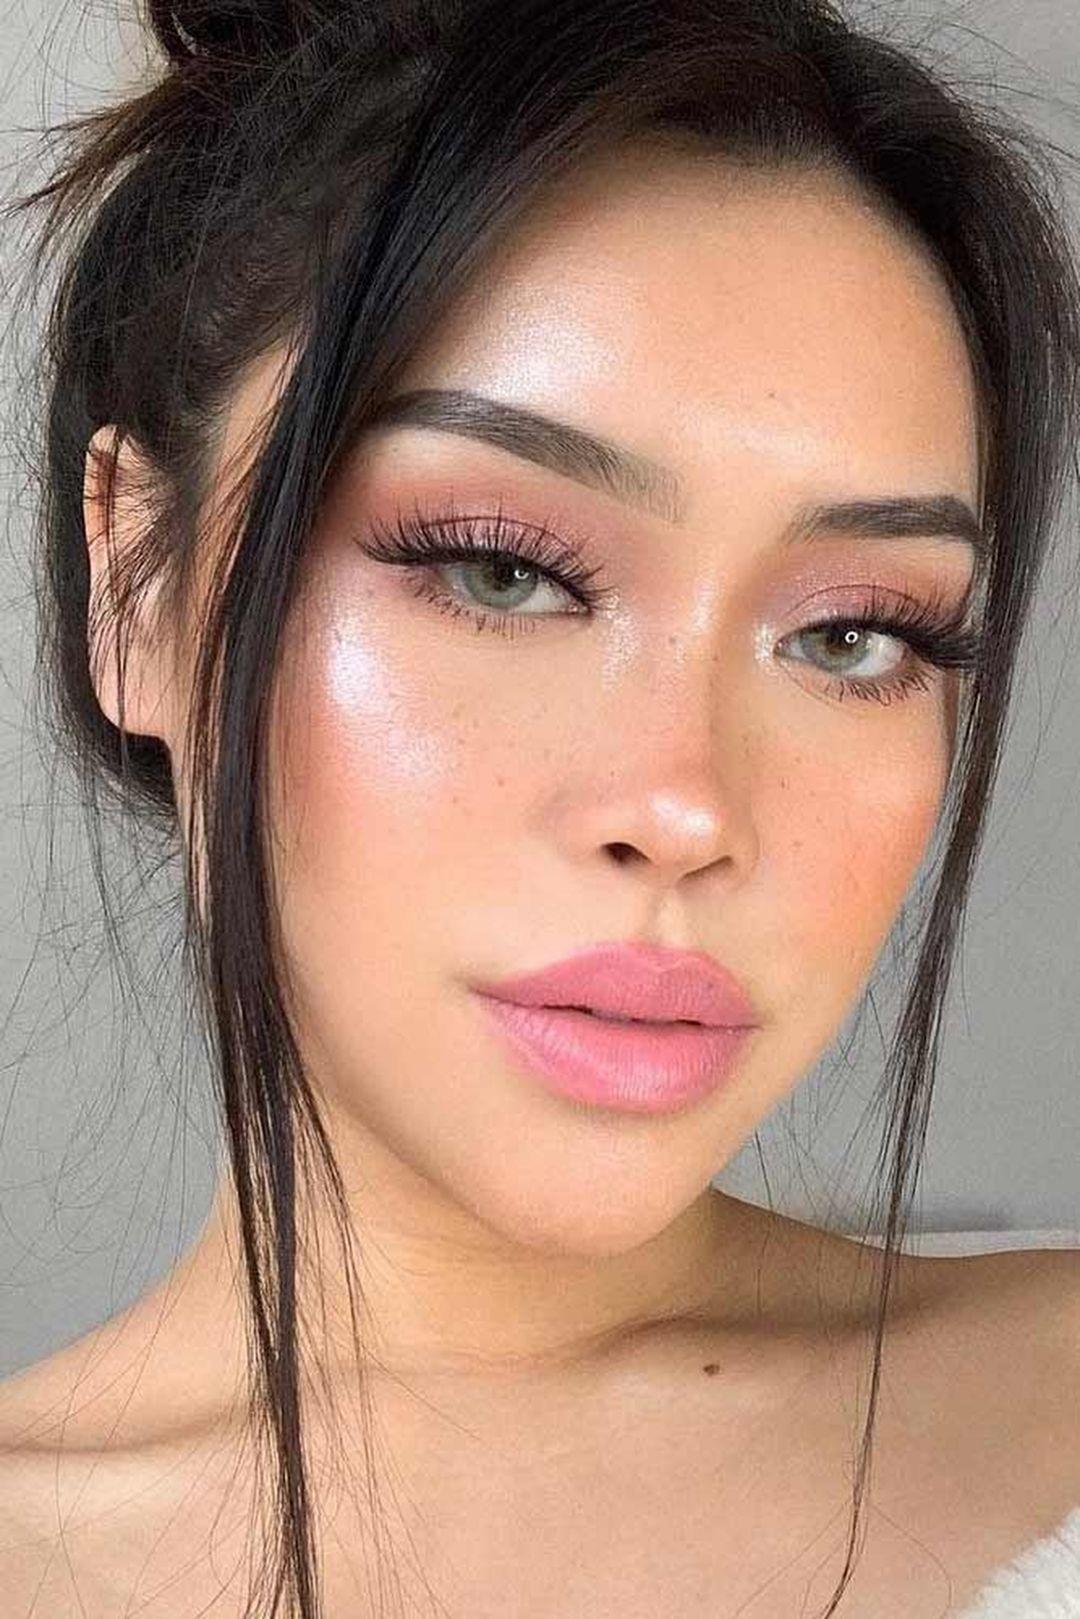 Pin on Makeup Inspirations